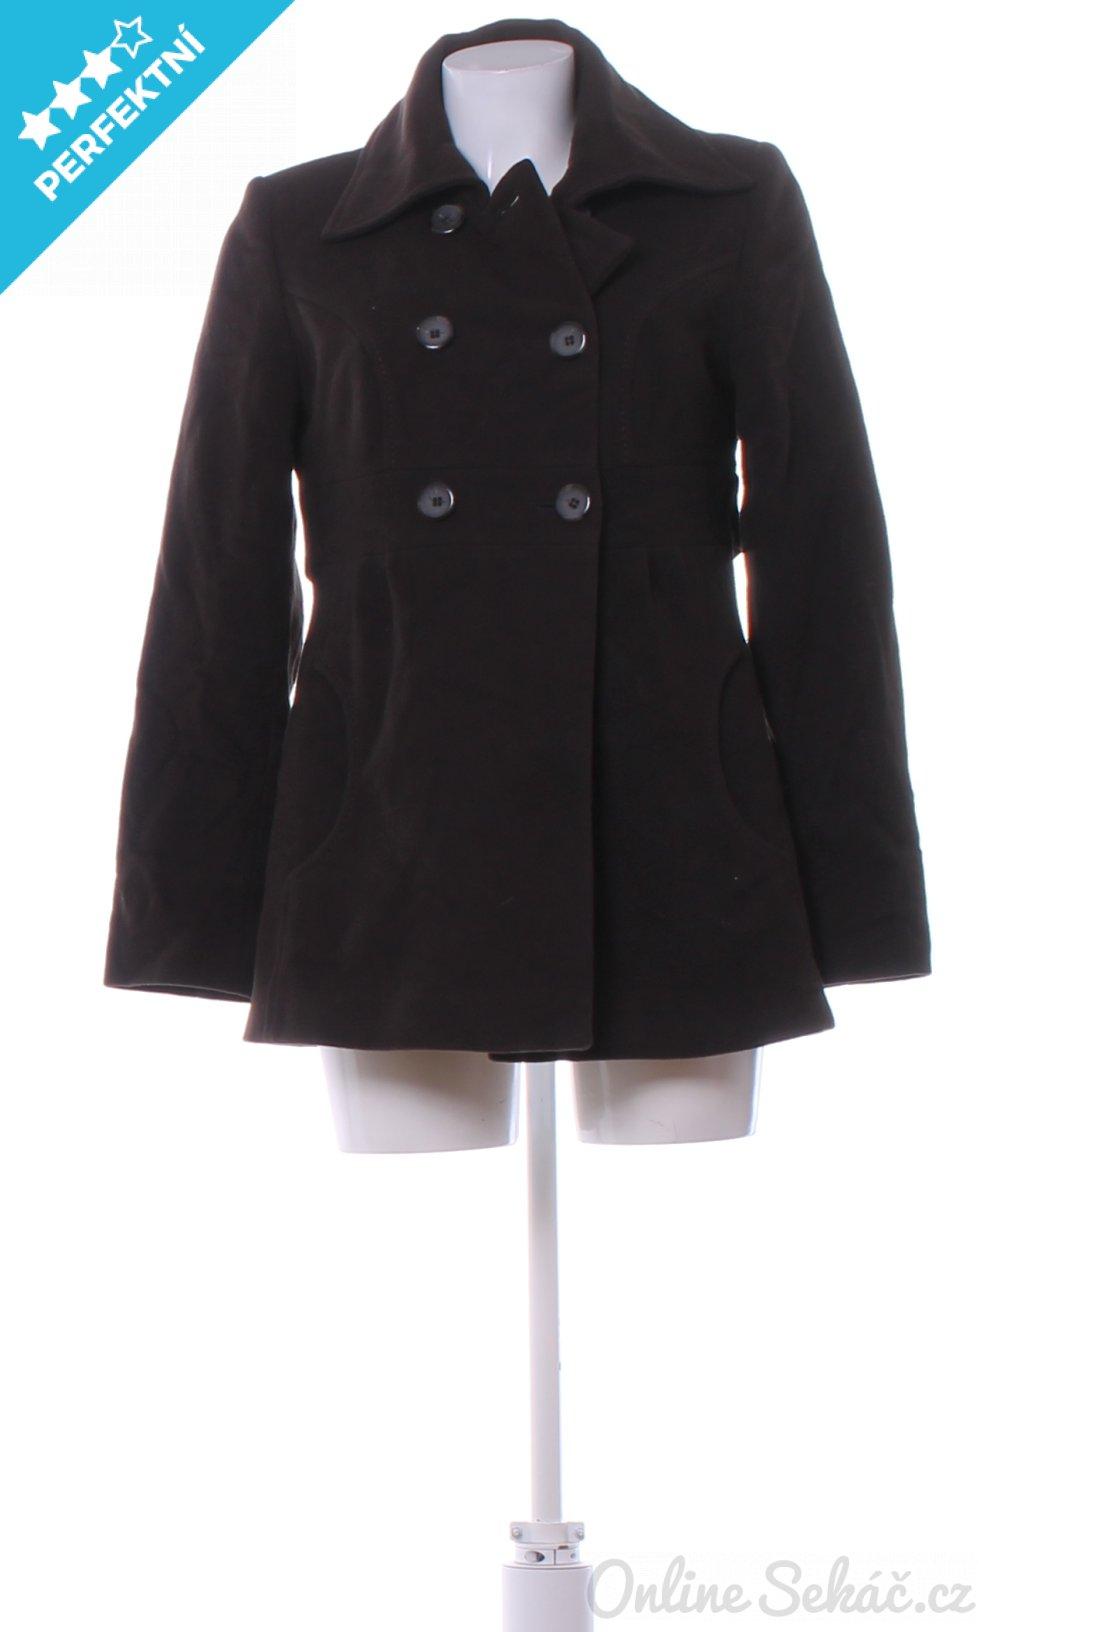 7bebf69033d Dámský jarní či podzimní kabát xxx XS